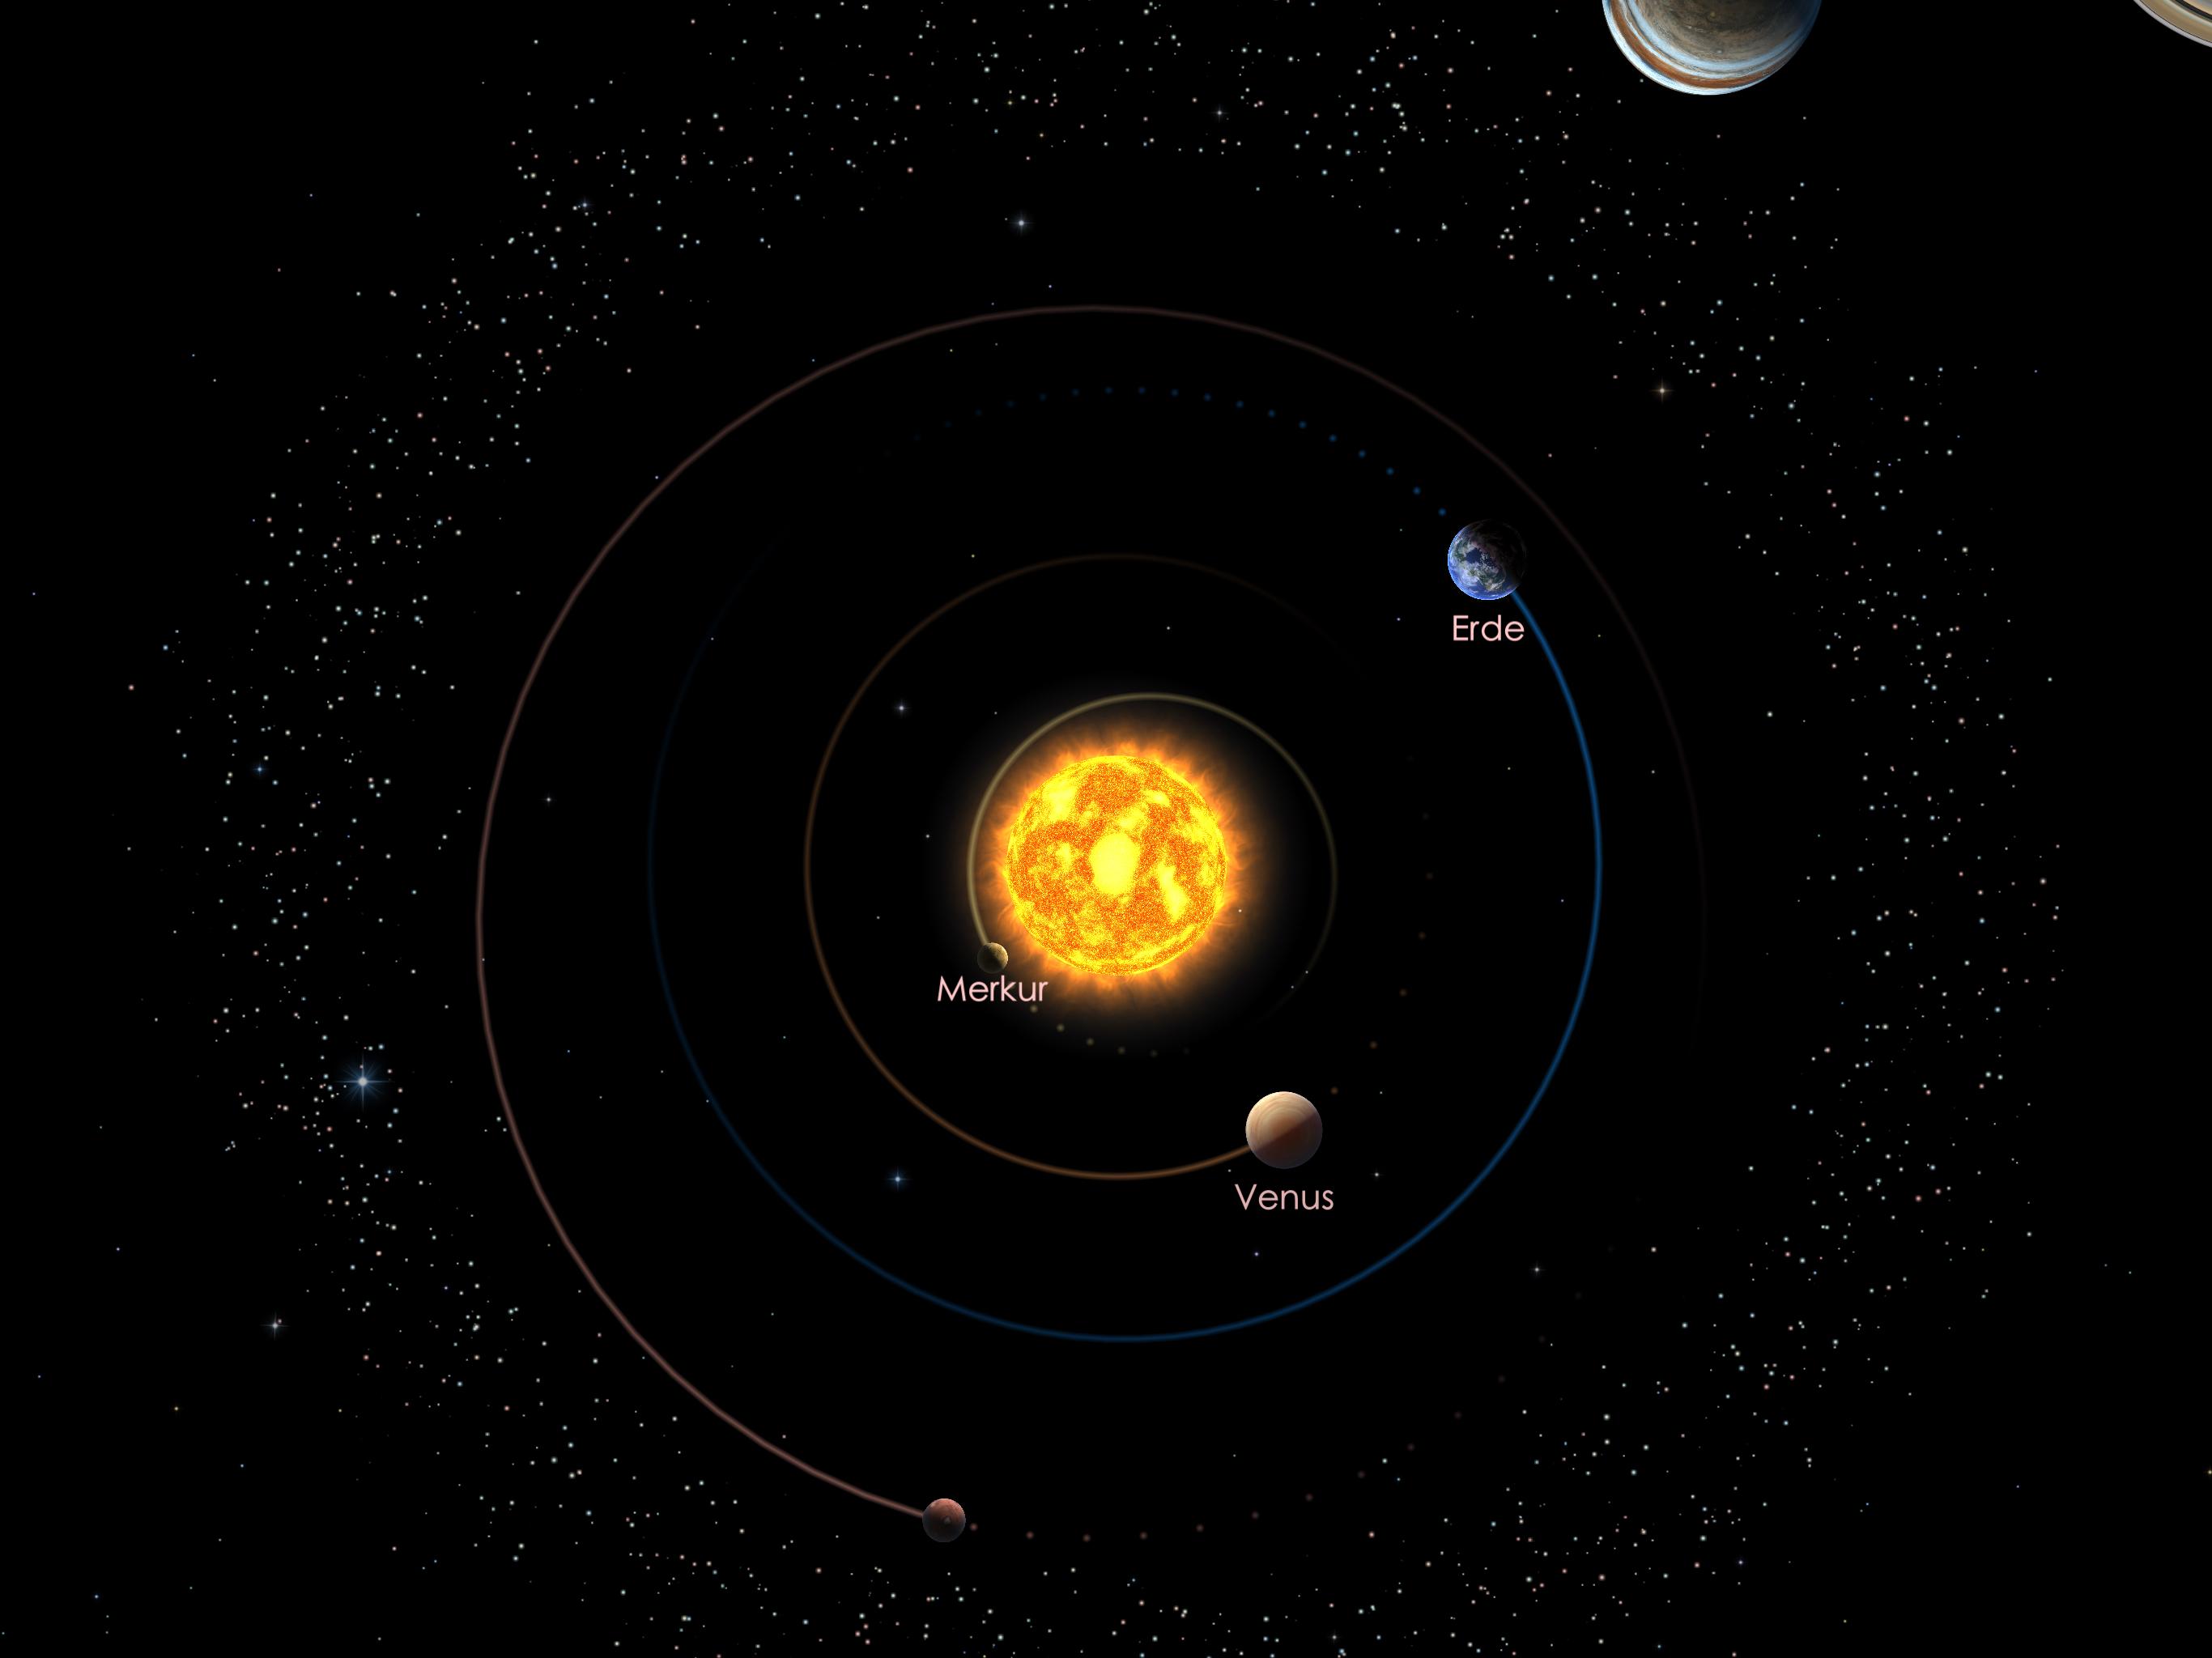 Die Positionen der inneren Planeten am 01.08.21